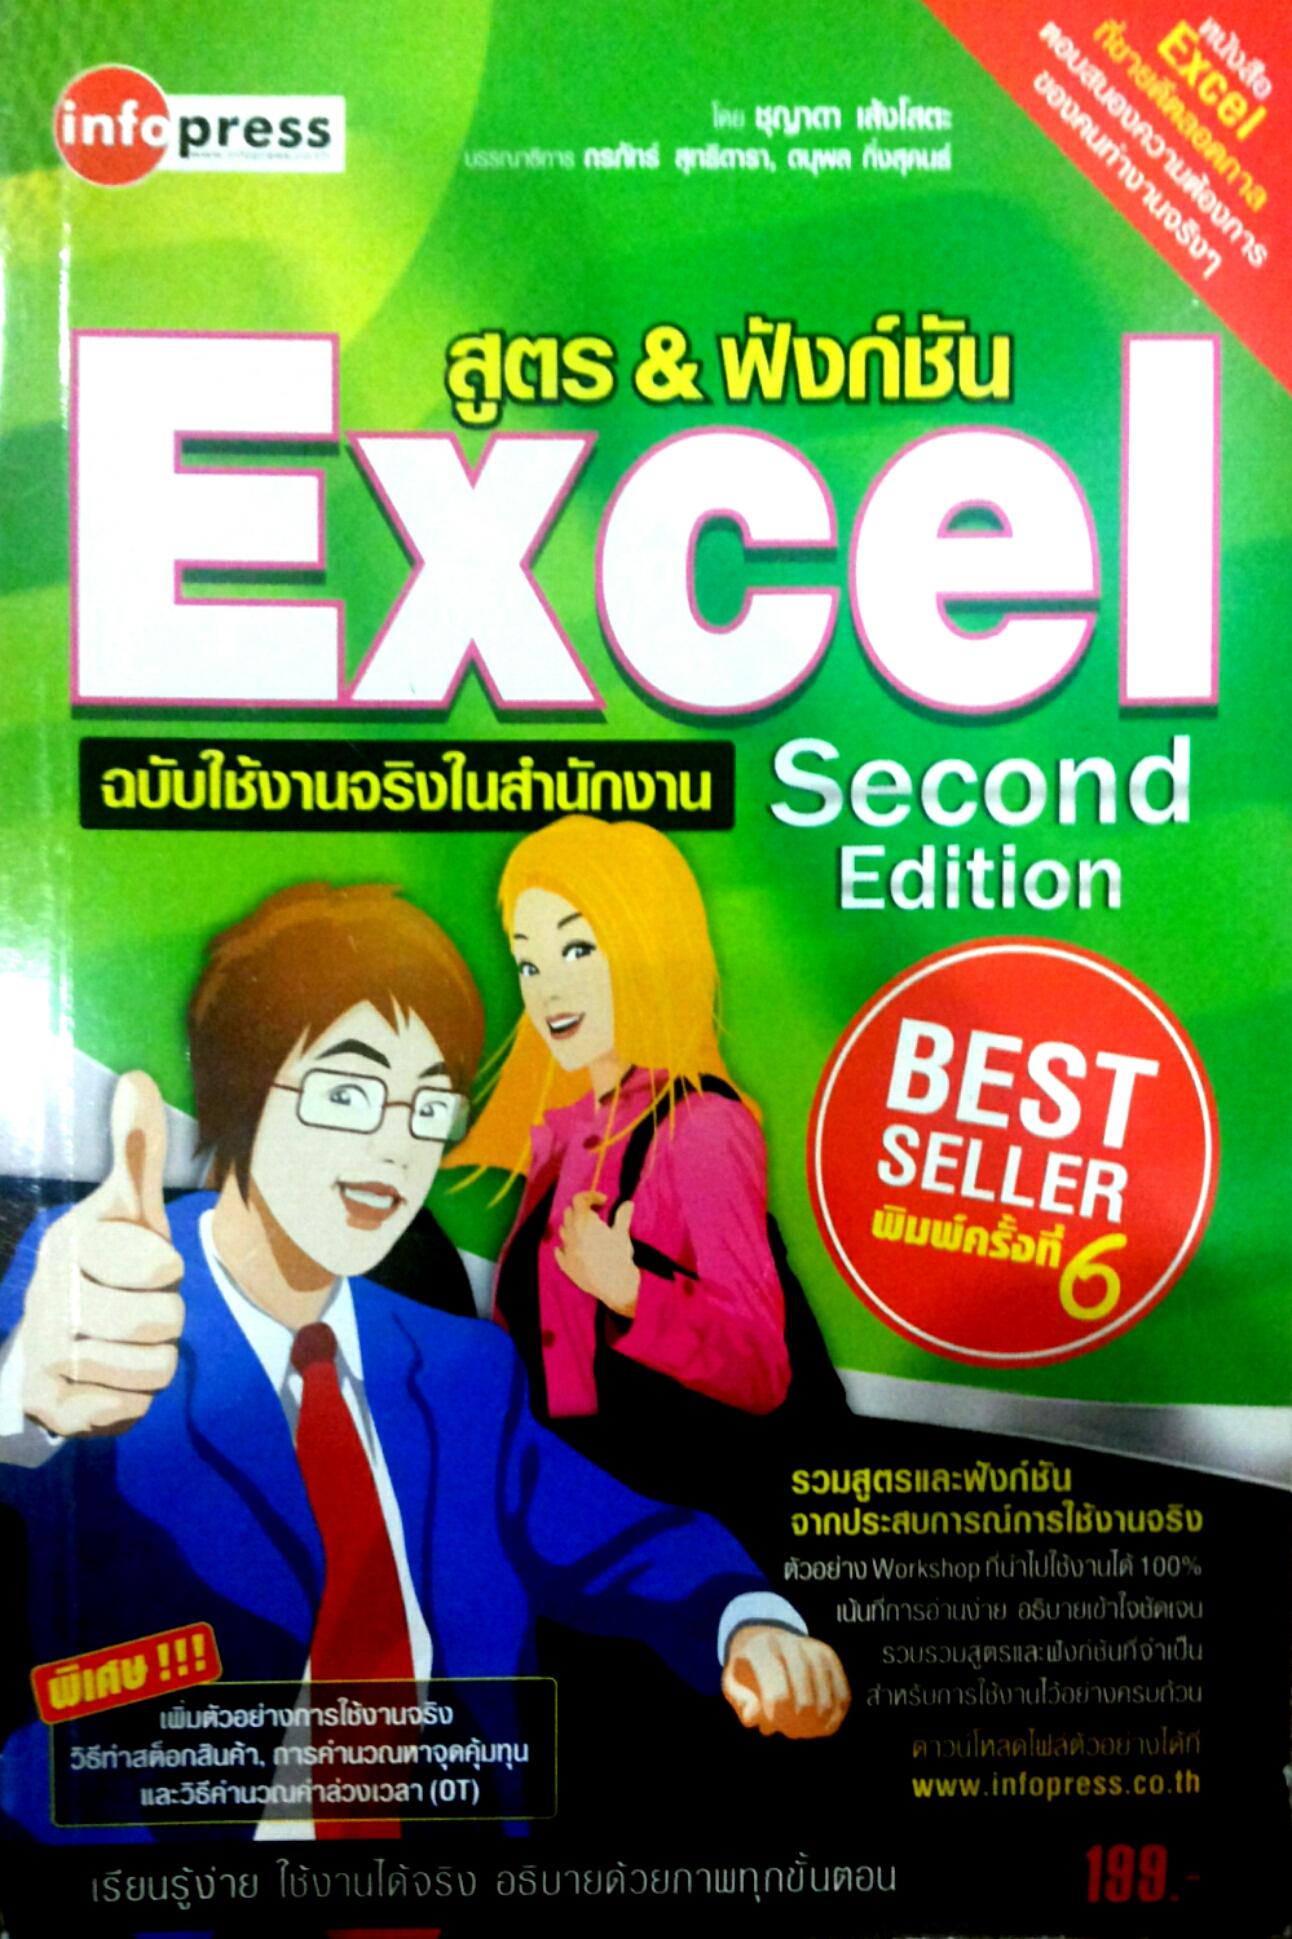 สูตร & ฟังก์ชัน Excel ฉบับใช้งานจริงในสำนักงาน Second Edition